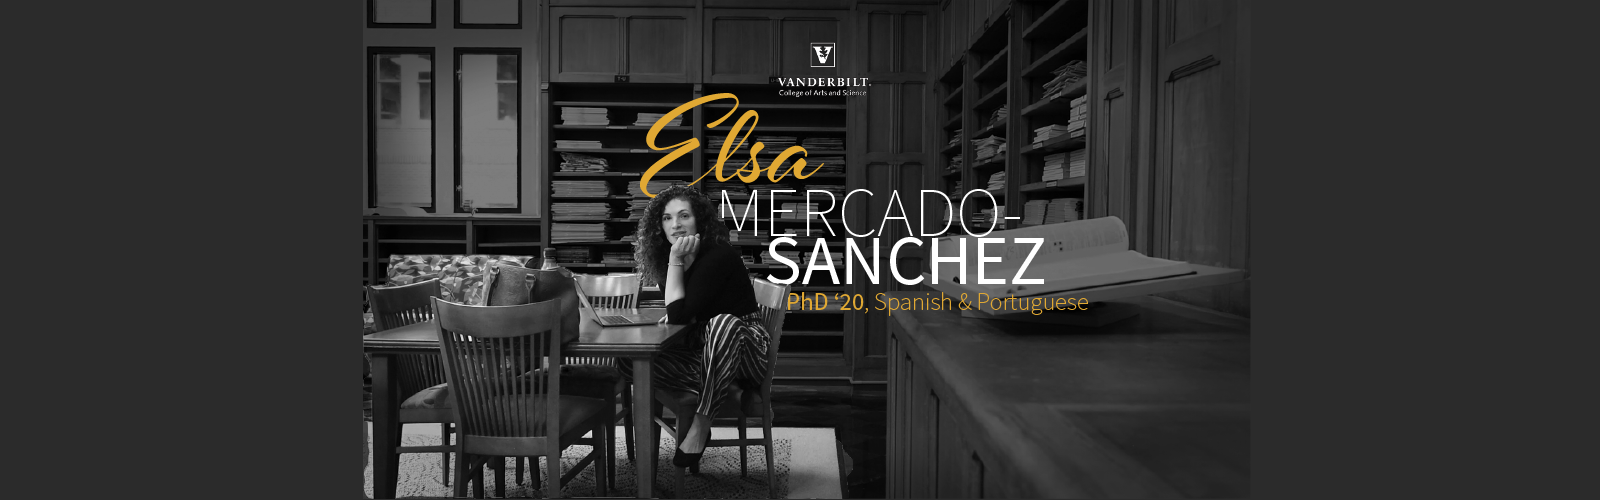 Elsa Mercado Sanchez, PhD'20 | Stronger together: the future of VU's Latinx community